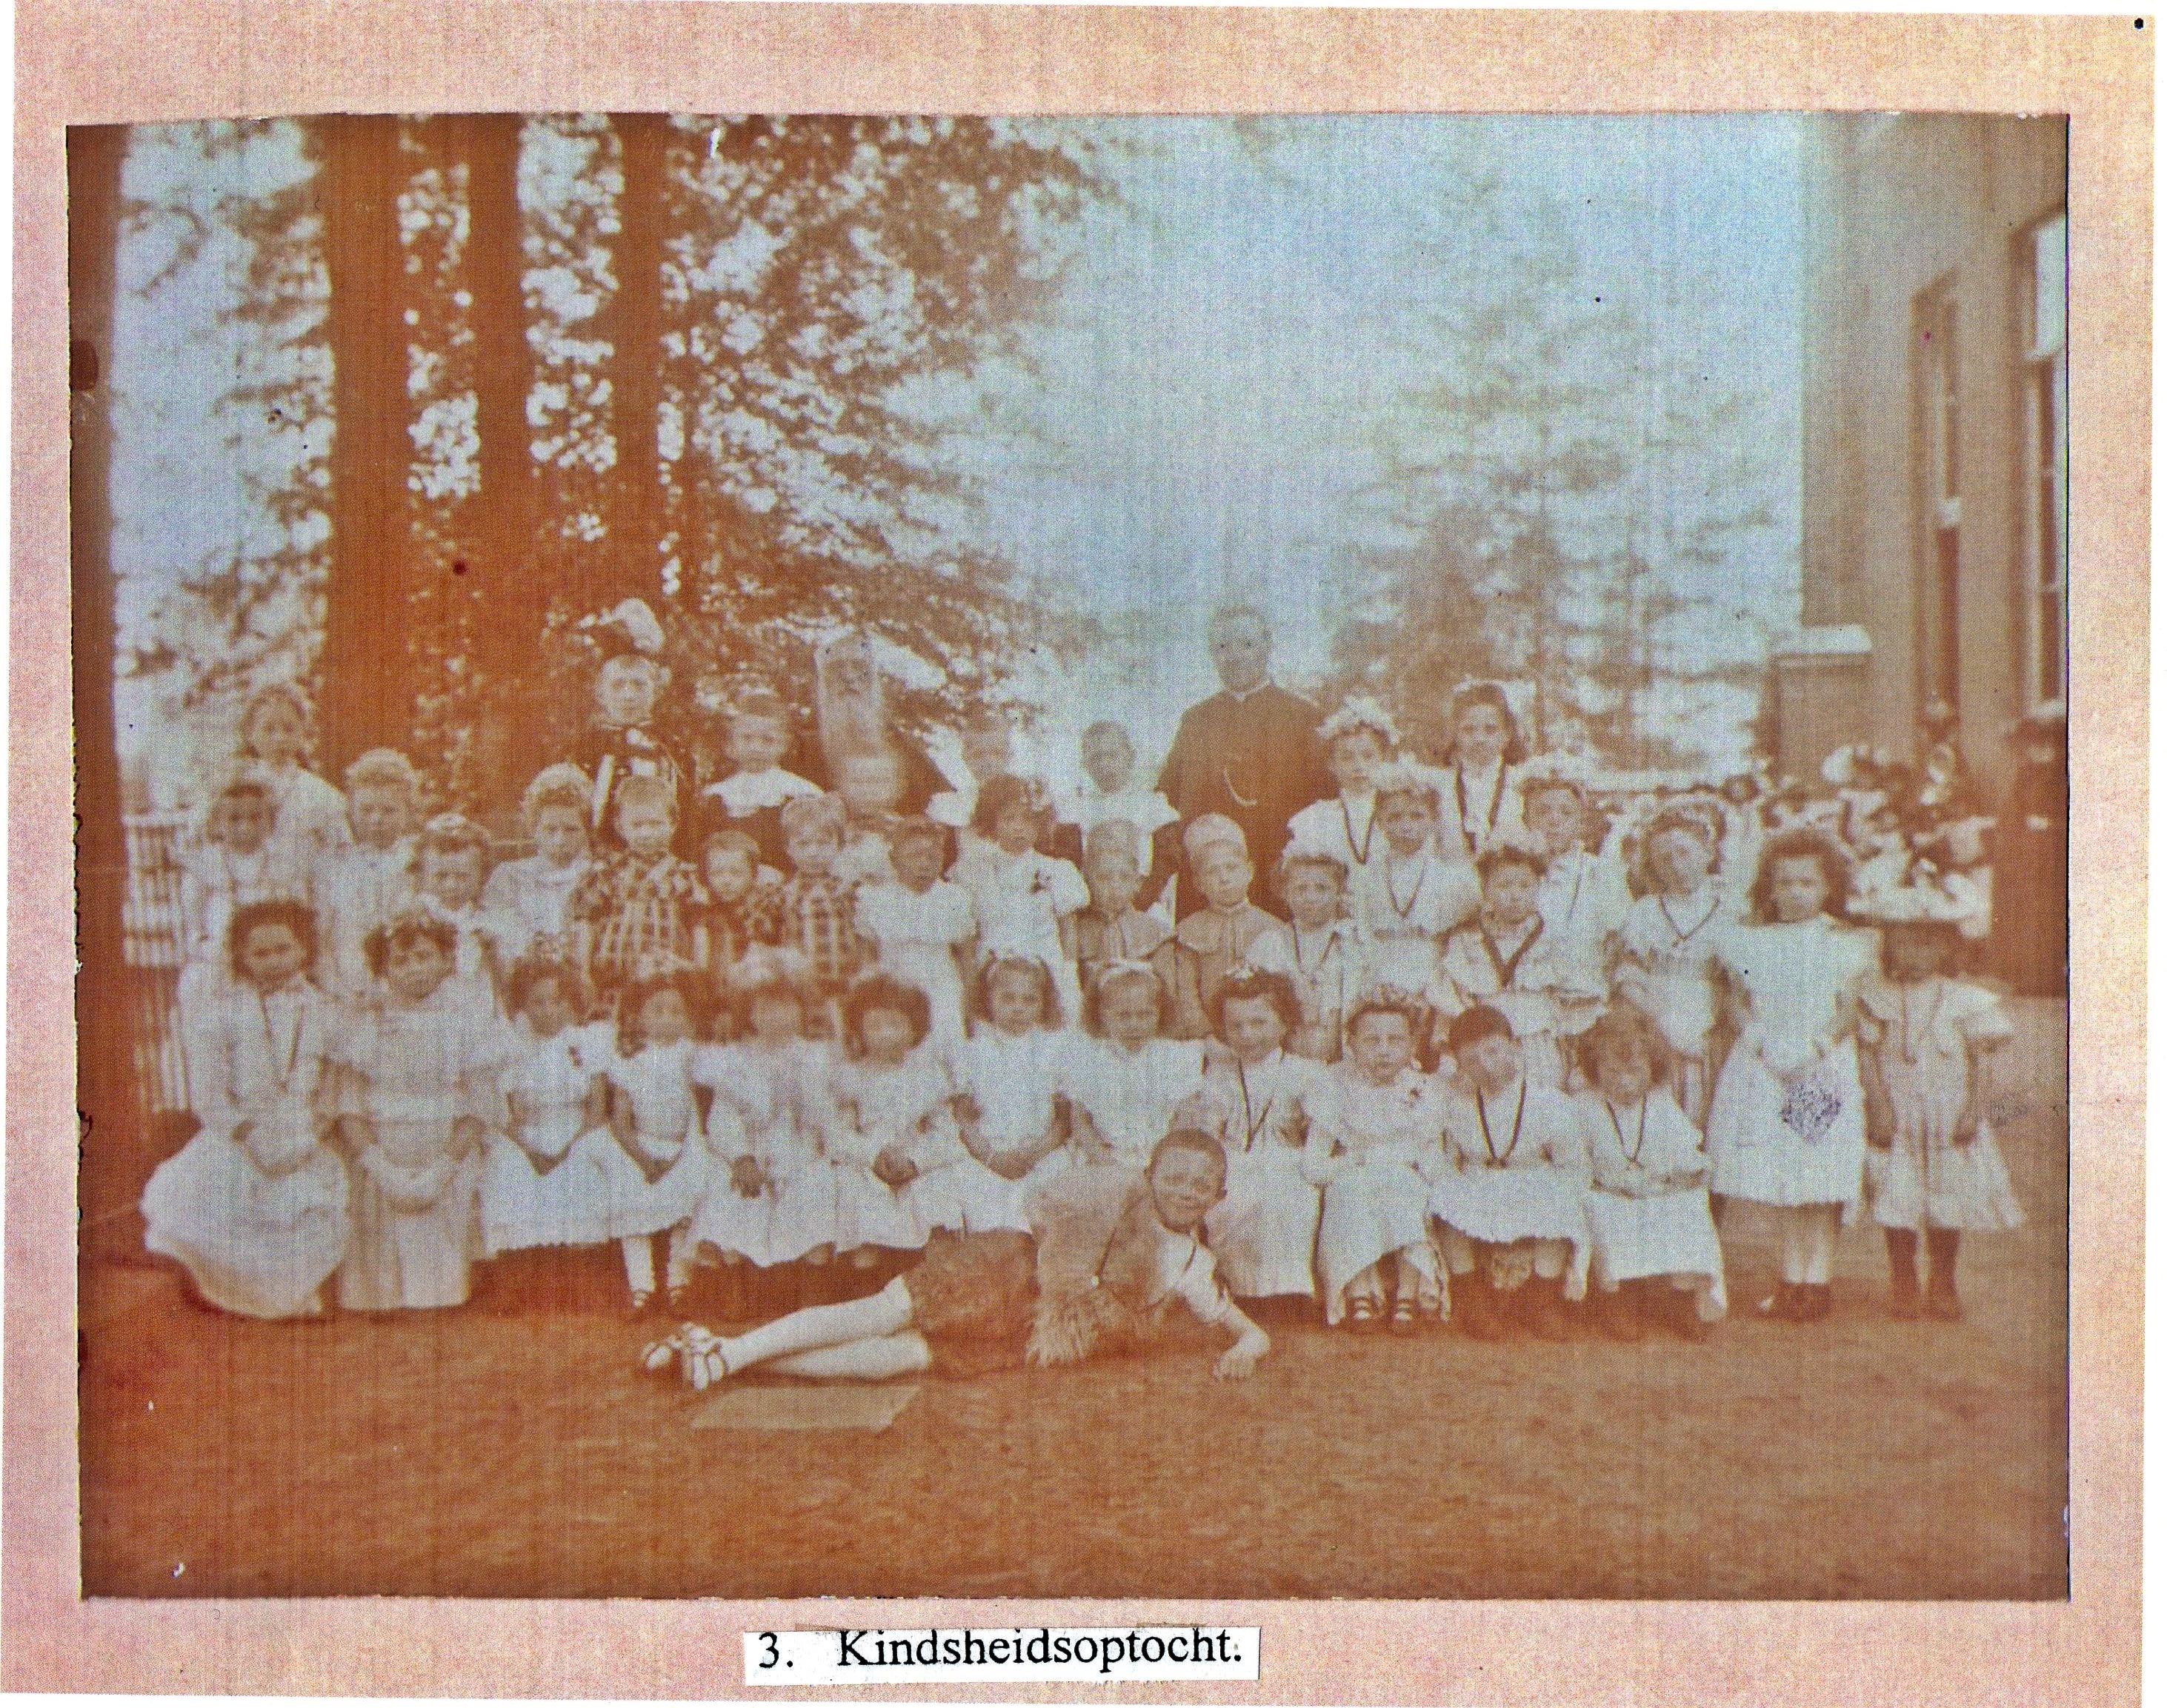 1903 / 1904 Kindsheidoptocht. Wie weet er meer van?